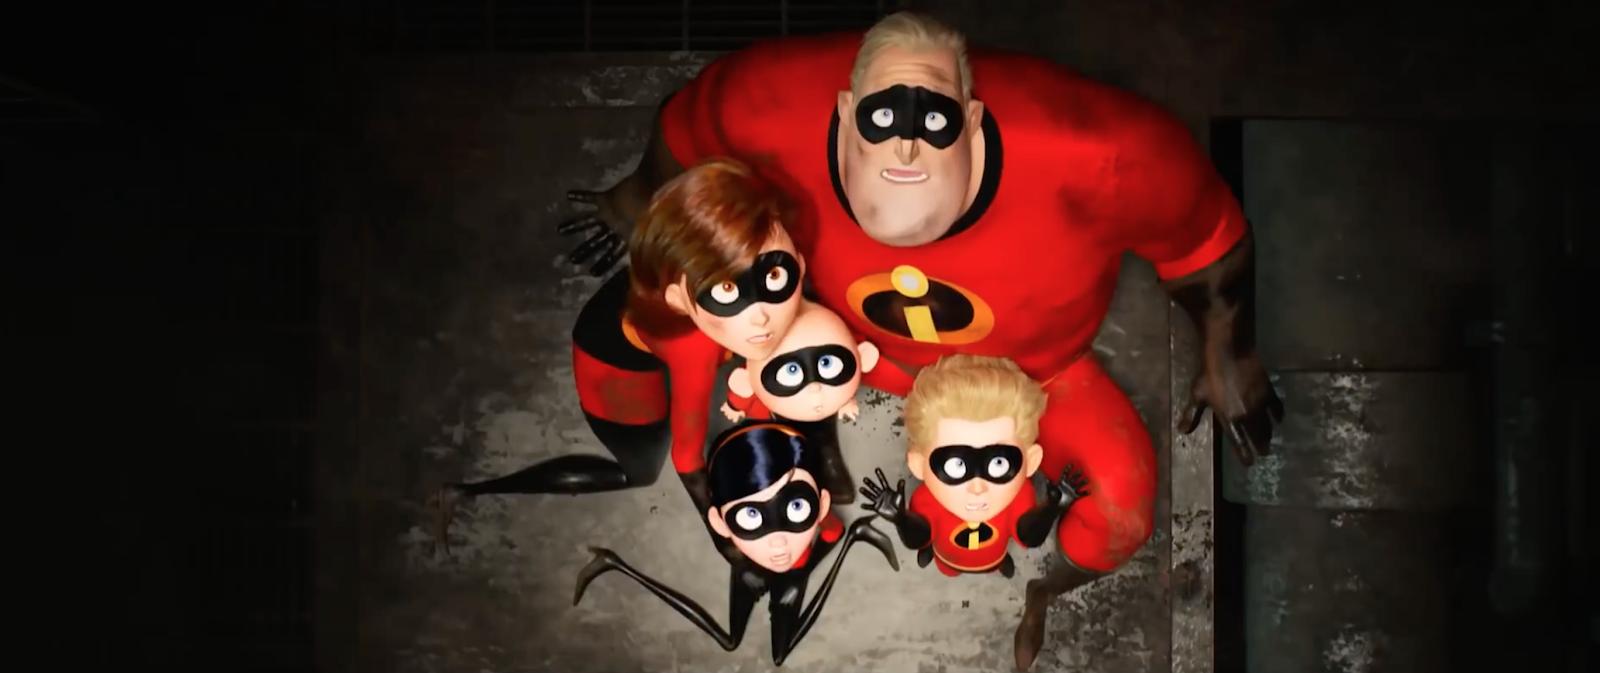 بررسی Incredibles 2: این انیمیشن حال شما را در این دنیای جدی بهتر میکند